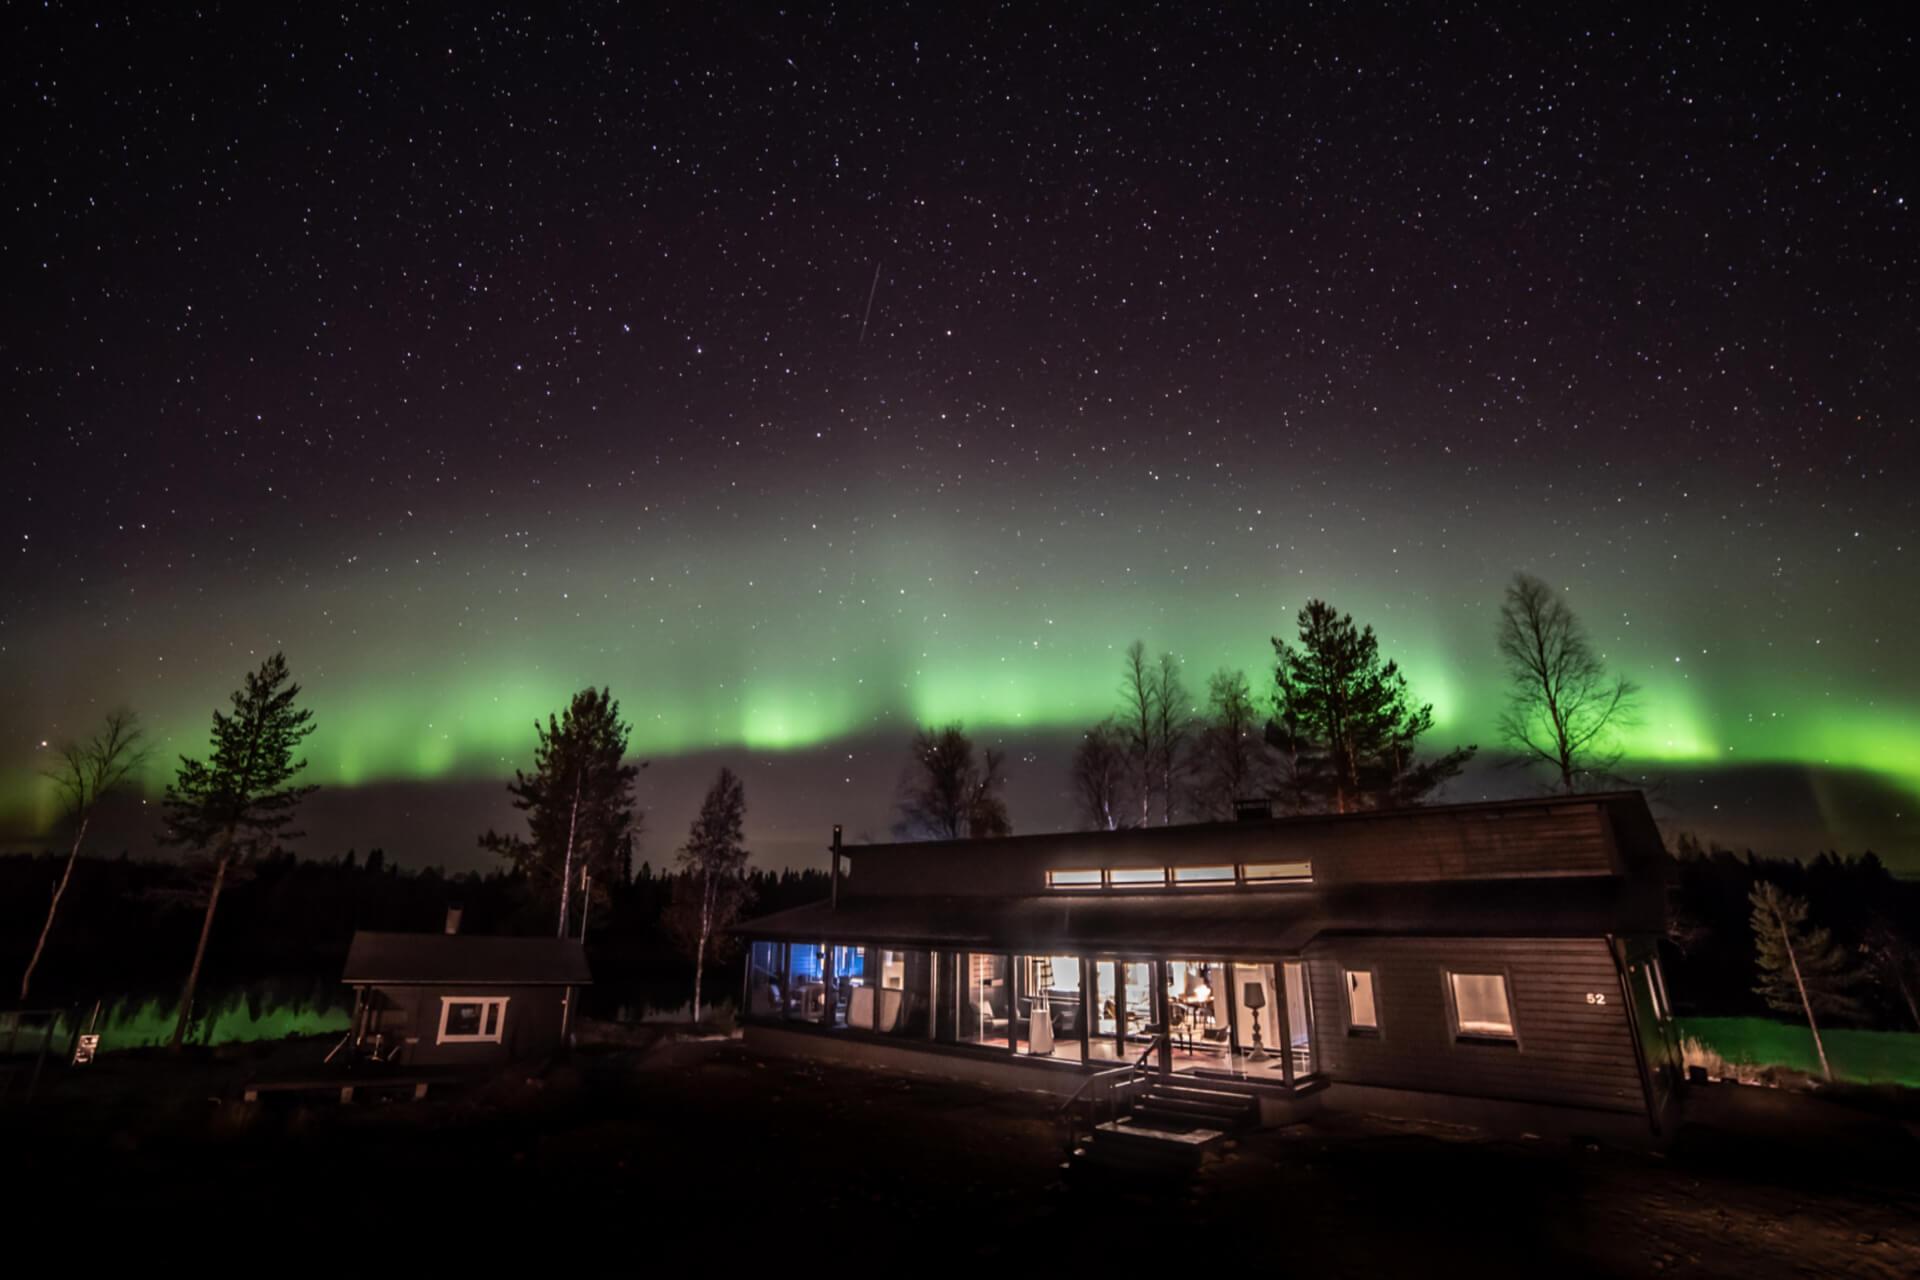 Wikkelä villa under the northern lights view